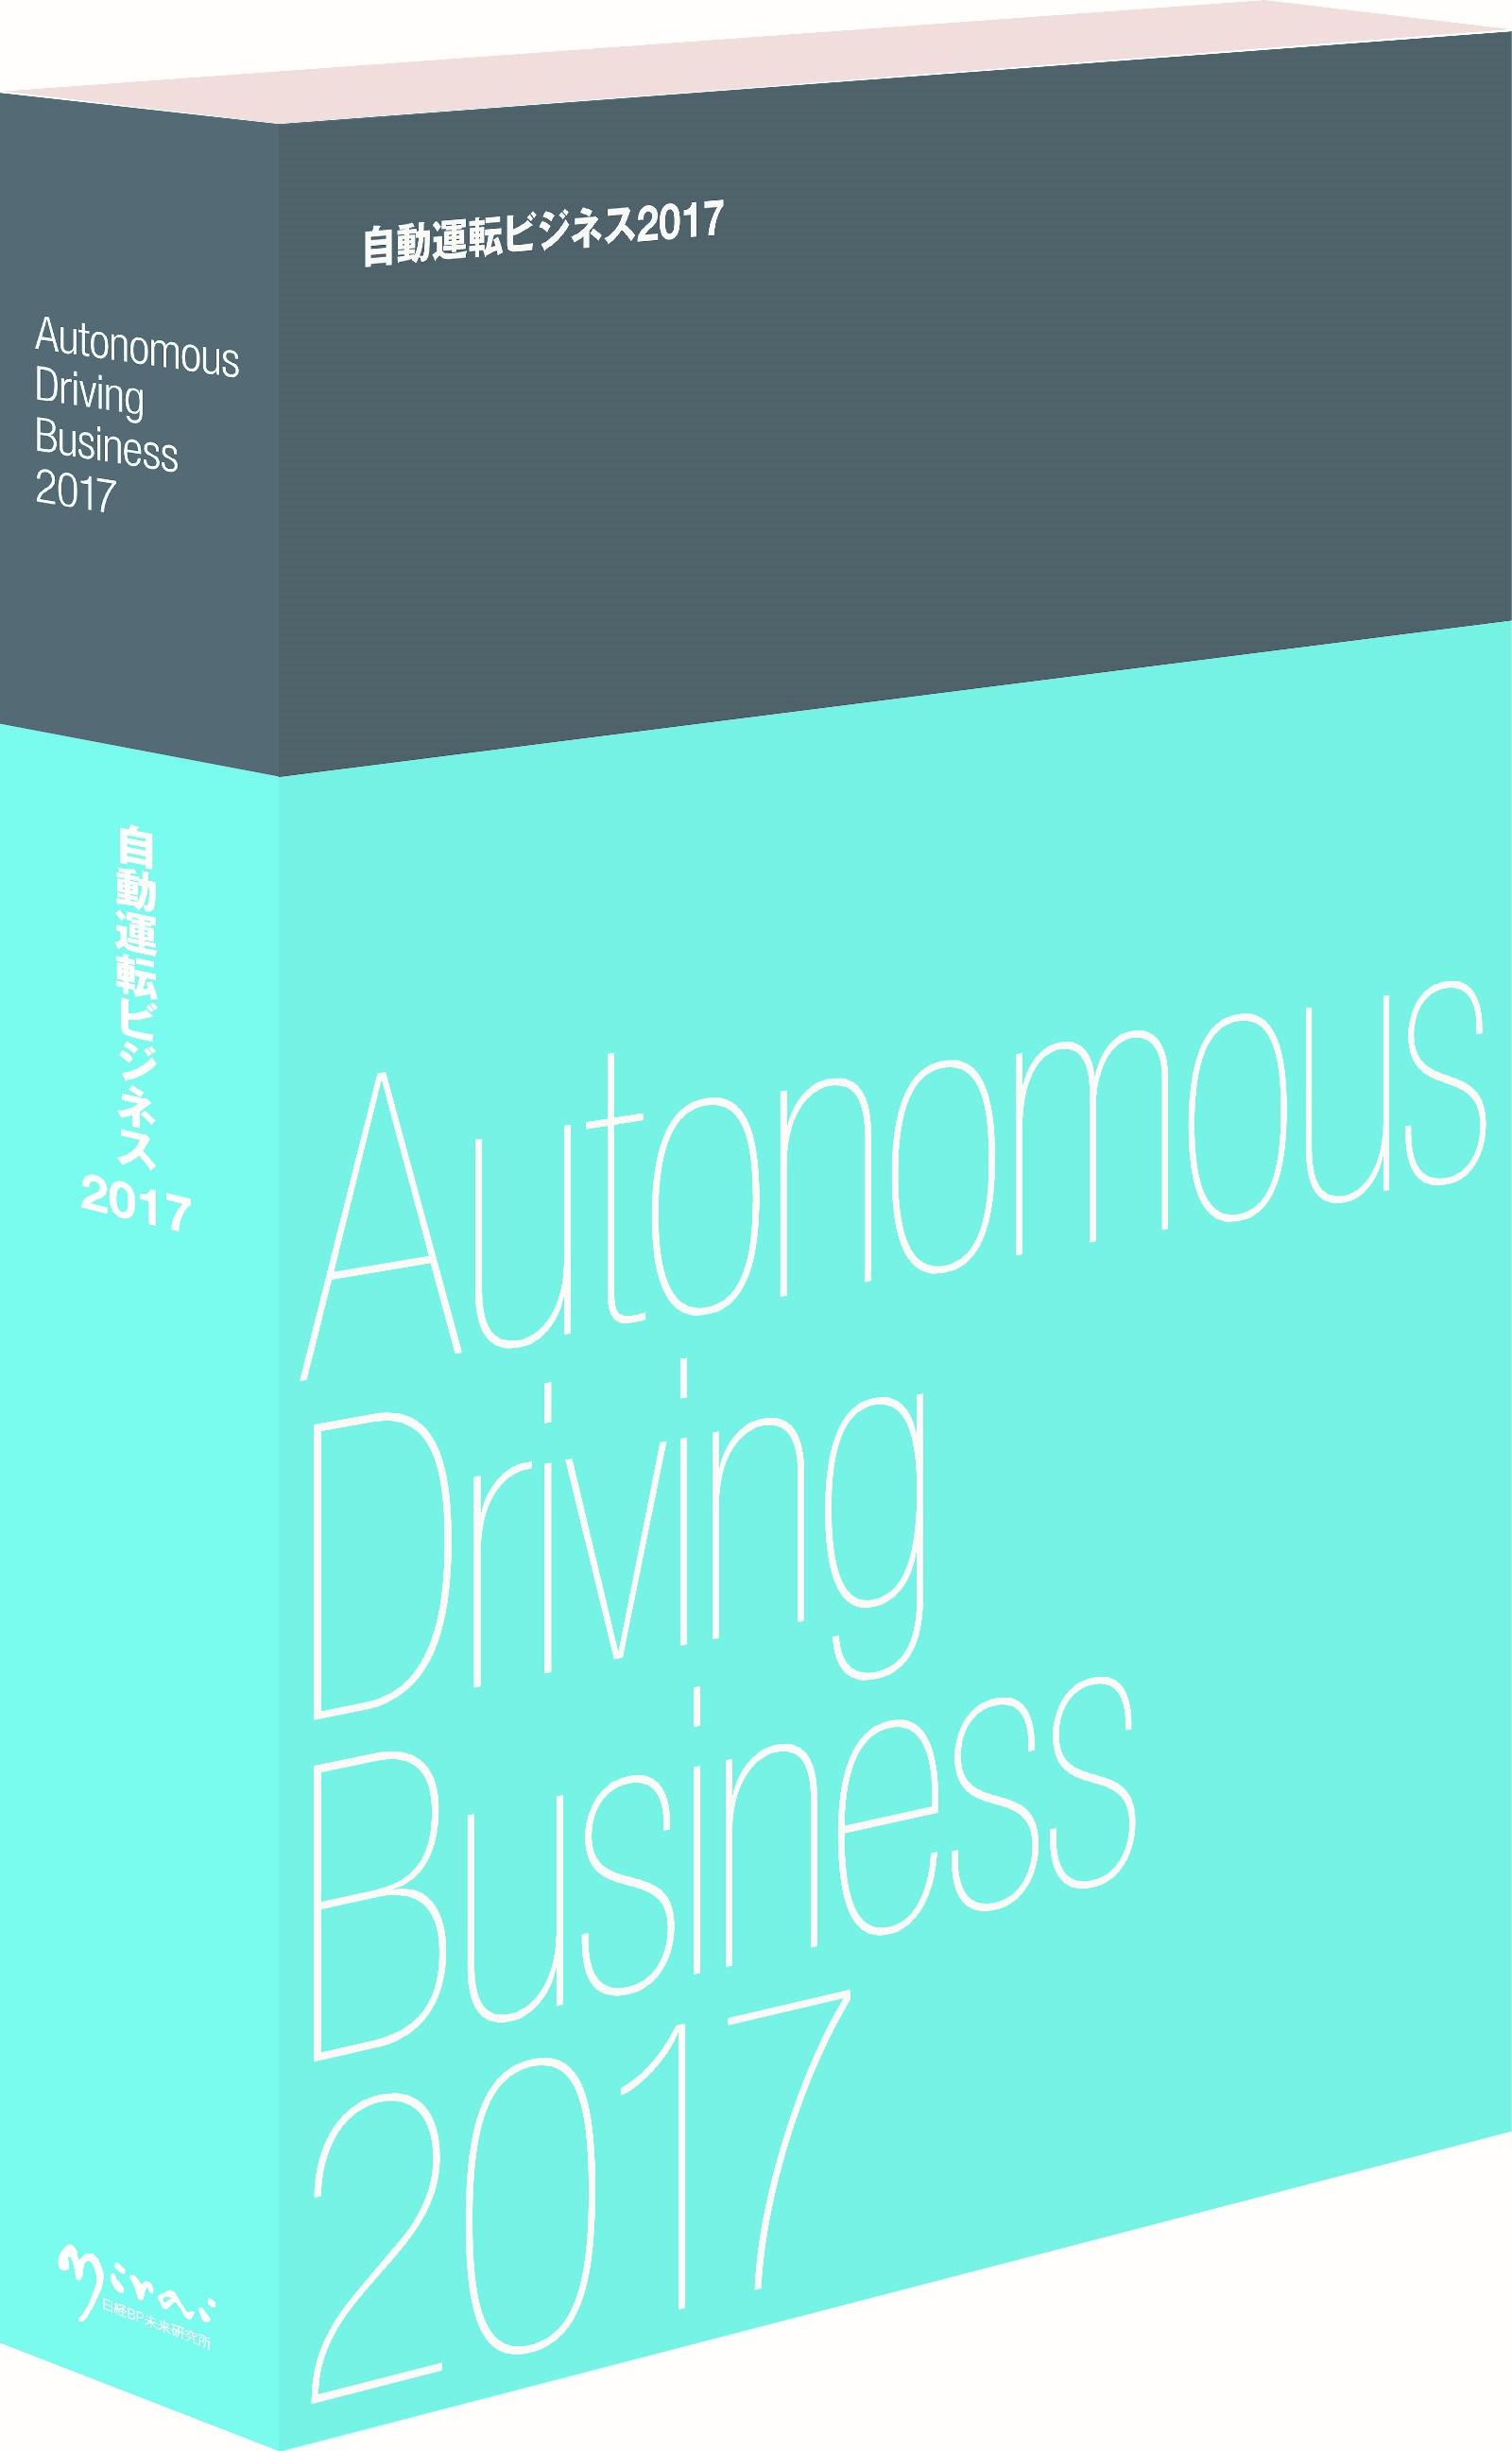 自動運転ビジネス2017